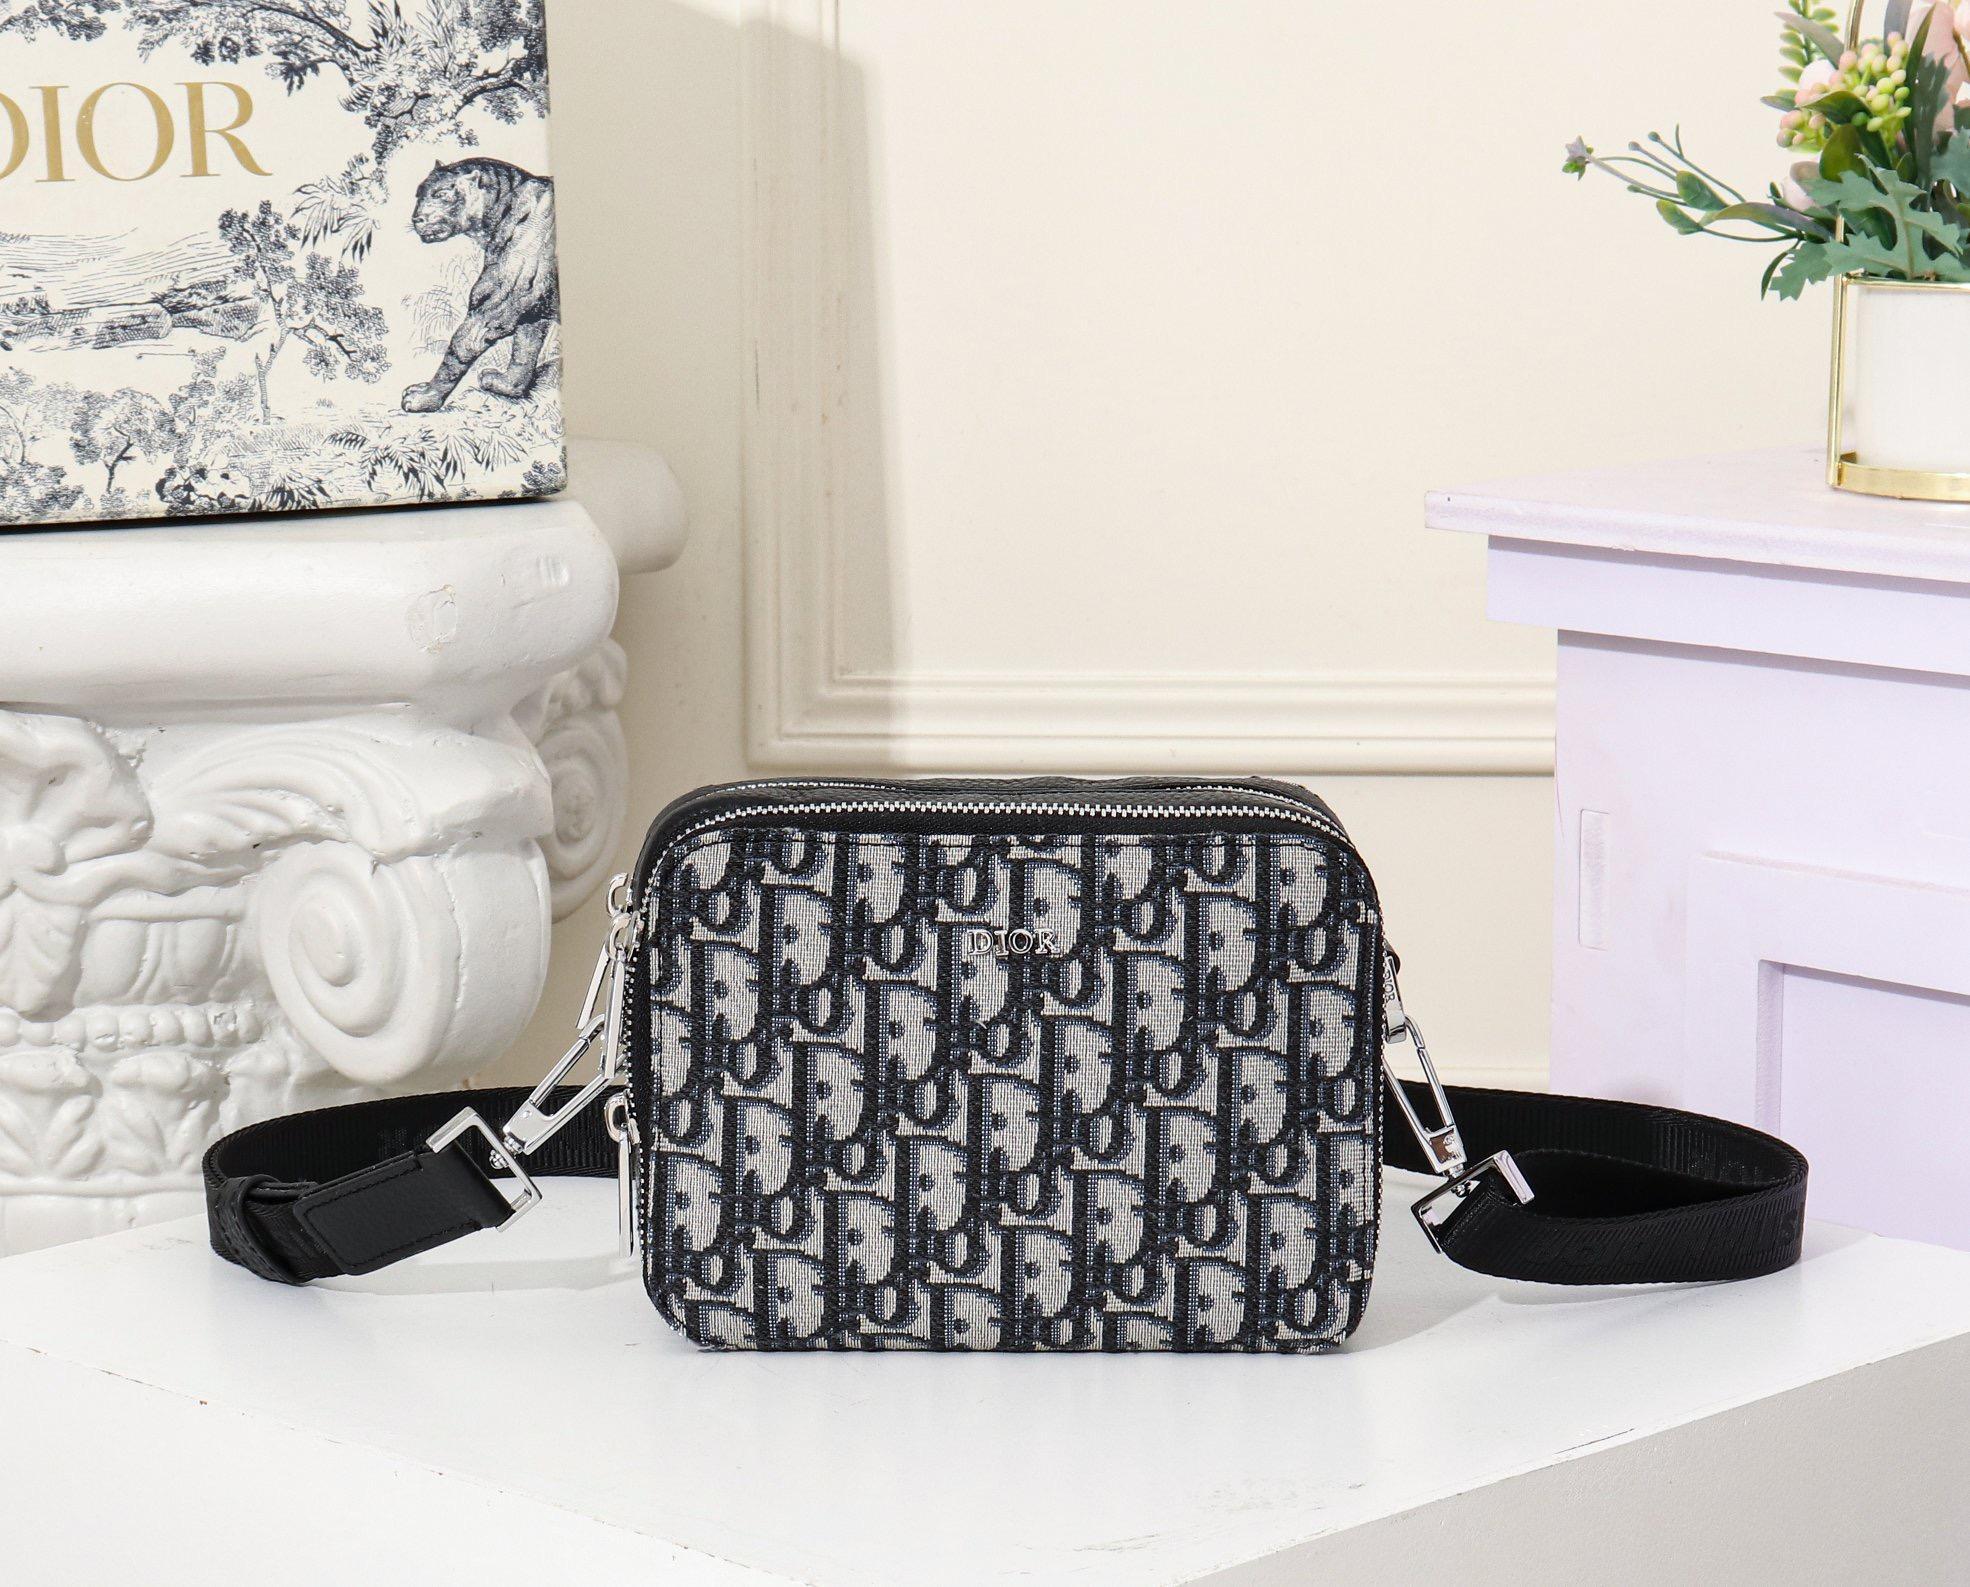 2020 migliore del sacchetto delle donne di qualità del progettista di lusso sacchetto del messaggio Genuine Leather Mens marca a caldo le borse del progettista zaino 17-12-6cm